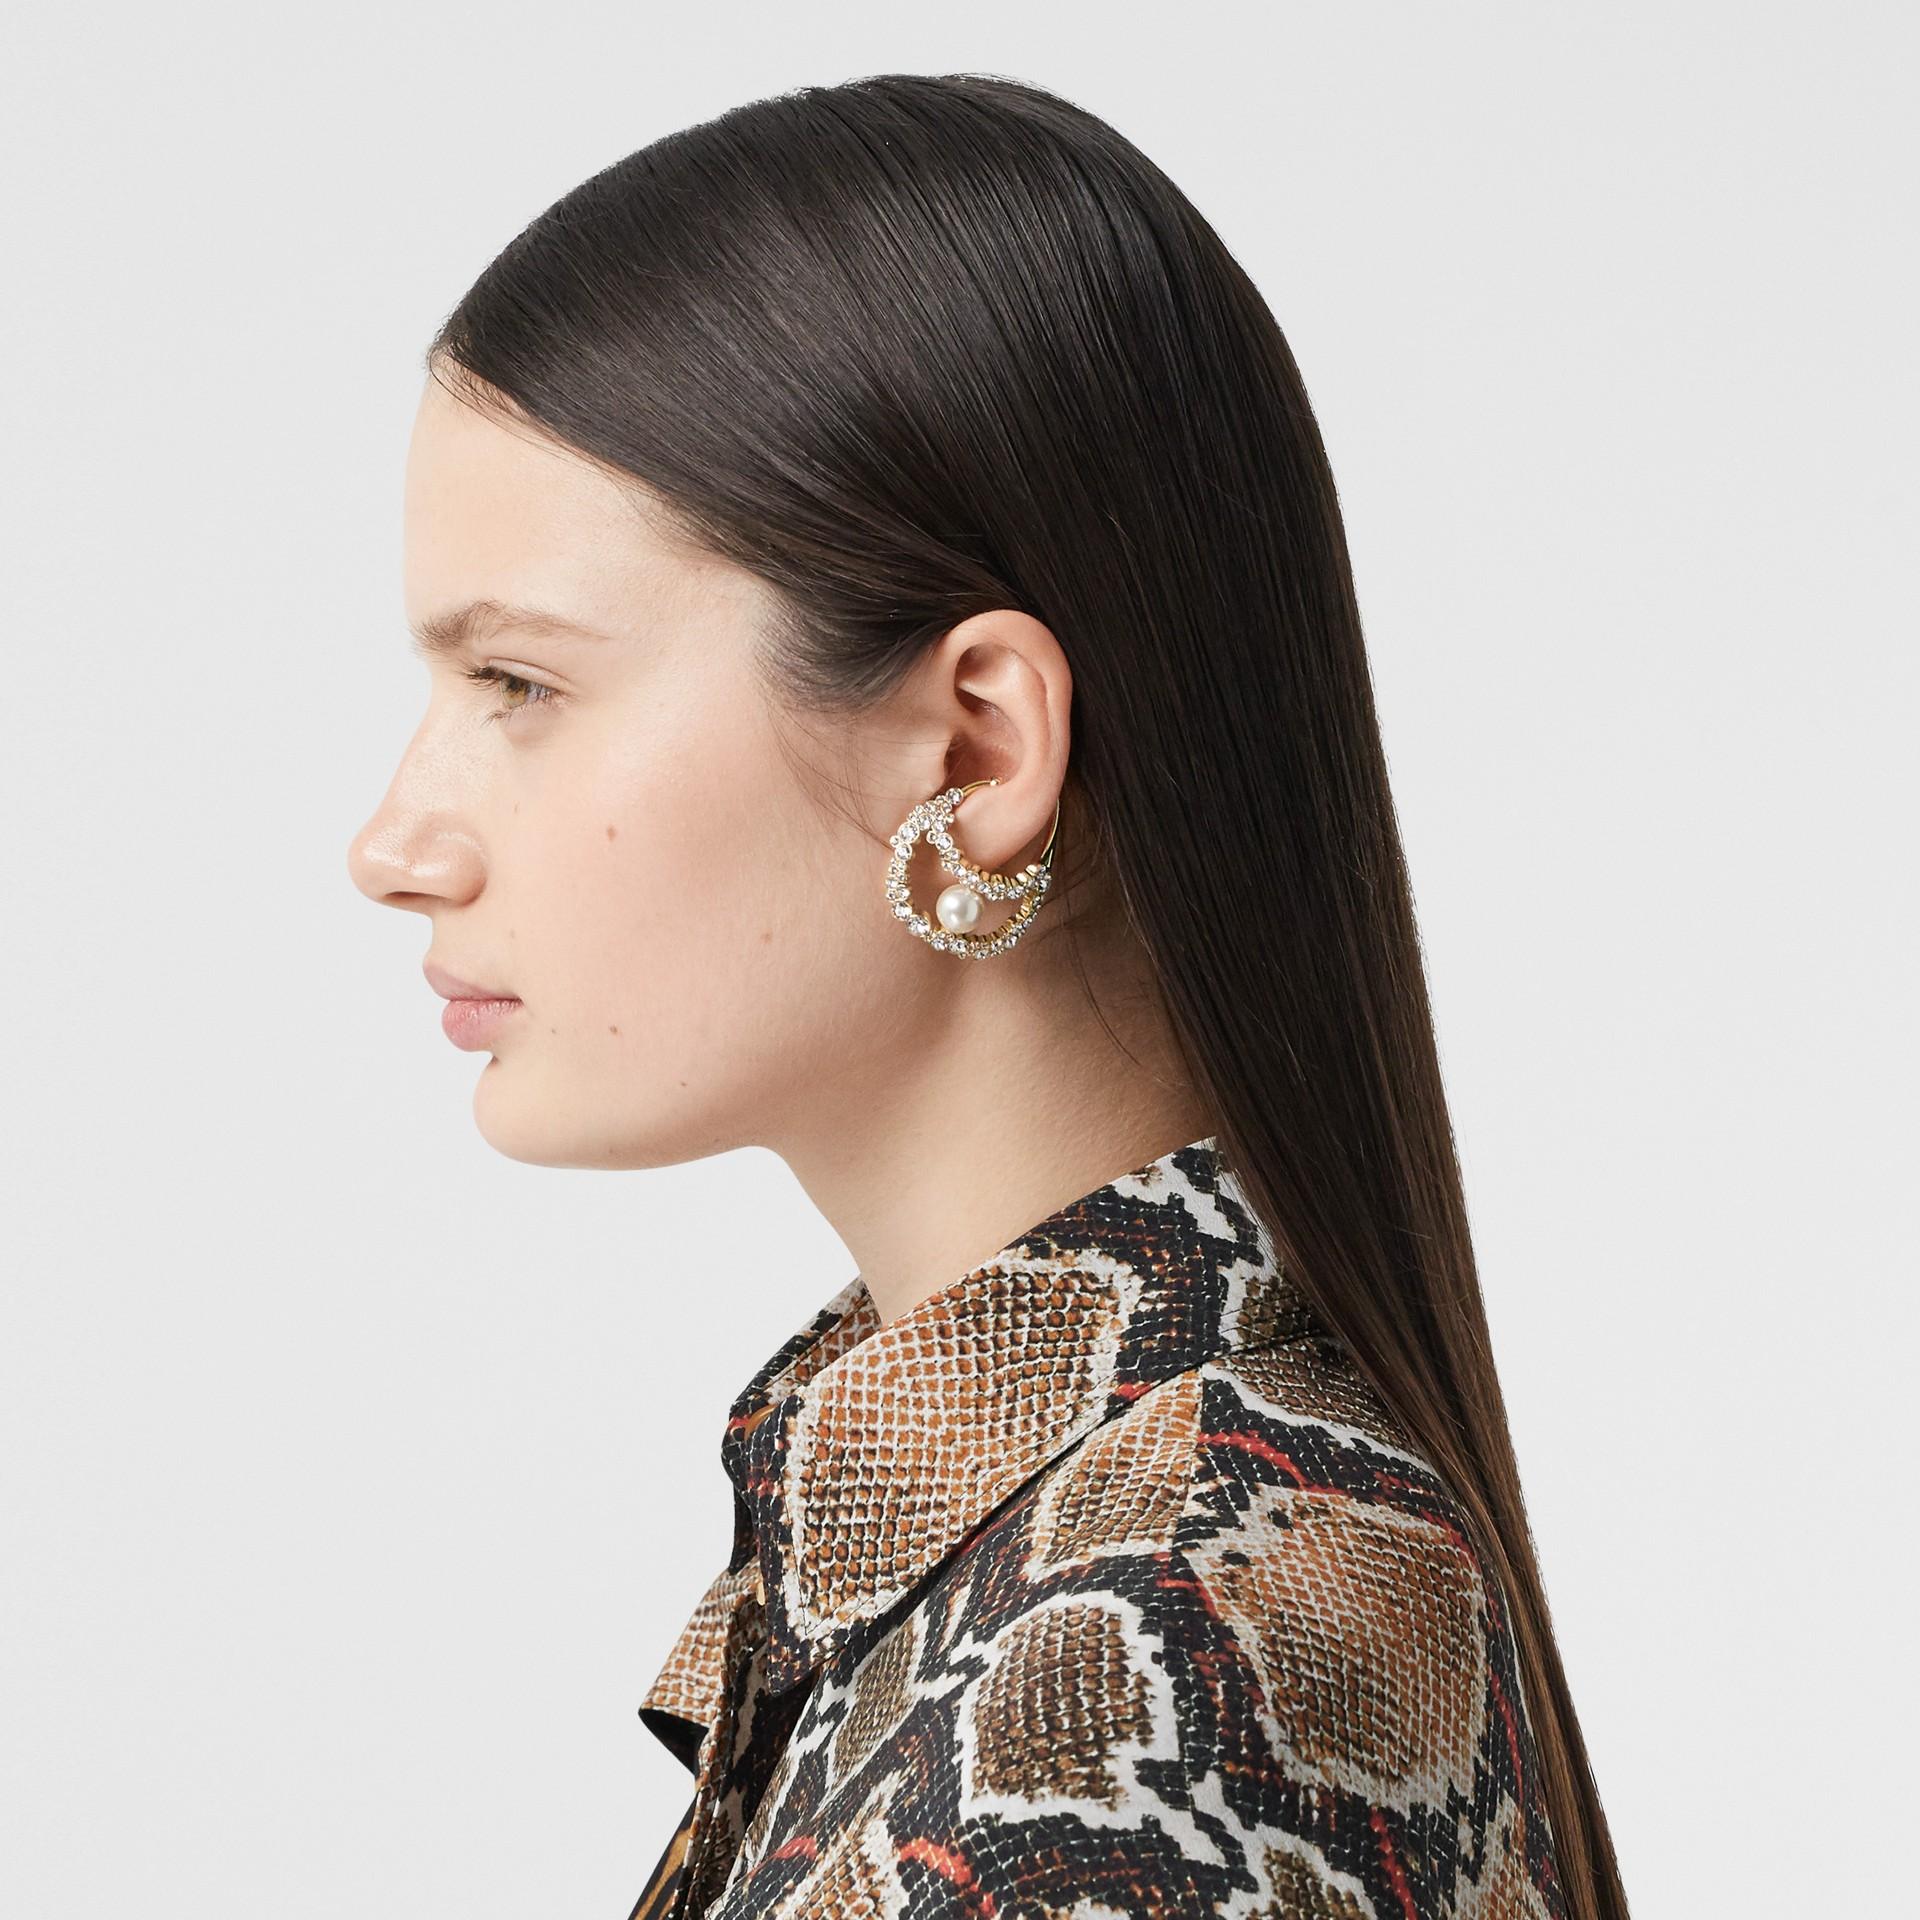 Manchette d'oreille plaquée or avec cristaux et perle en résine (Clair/cristal) - Femme | Burberry Canada - photo de la galerie 2